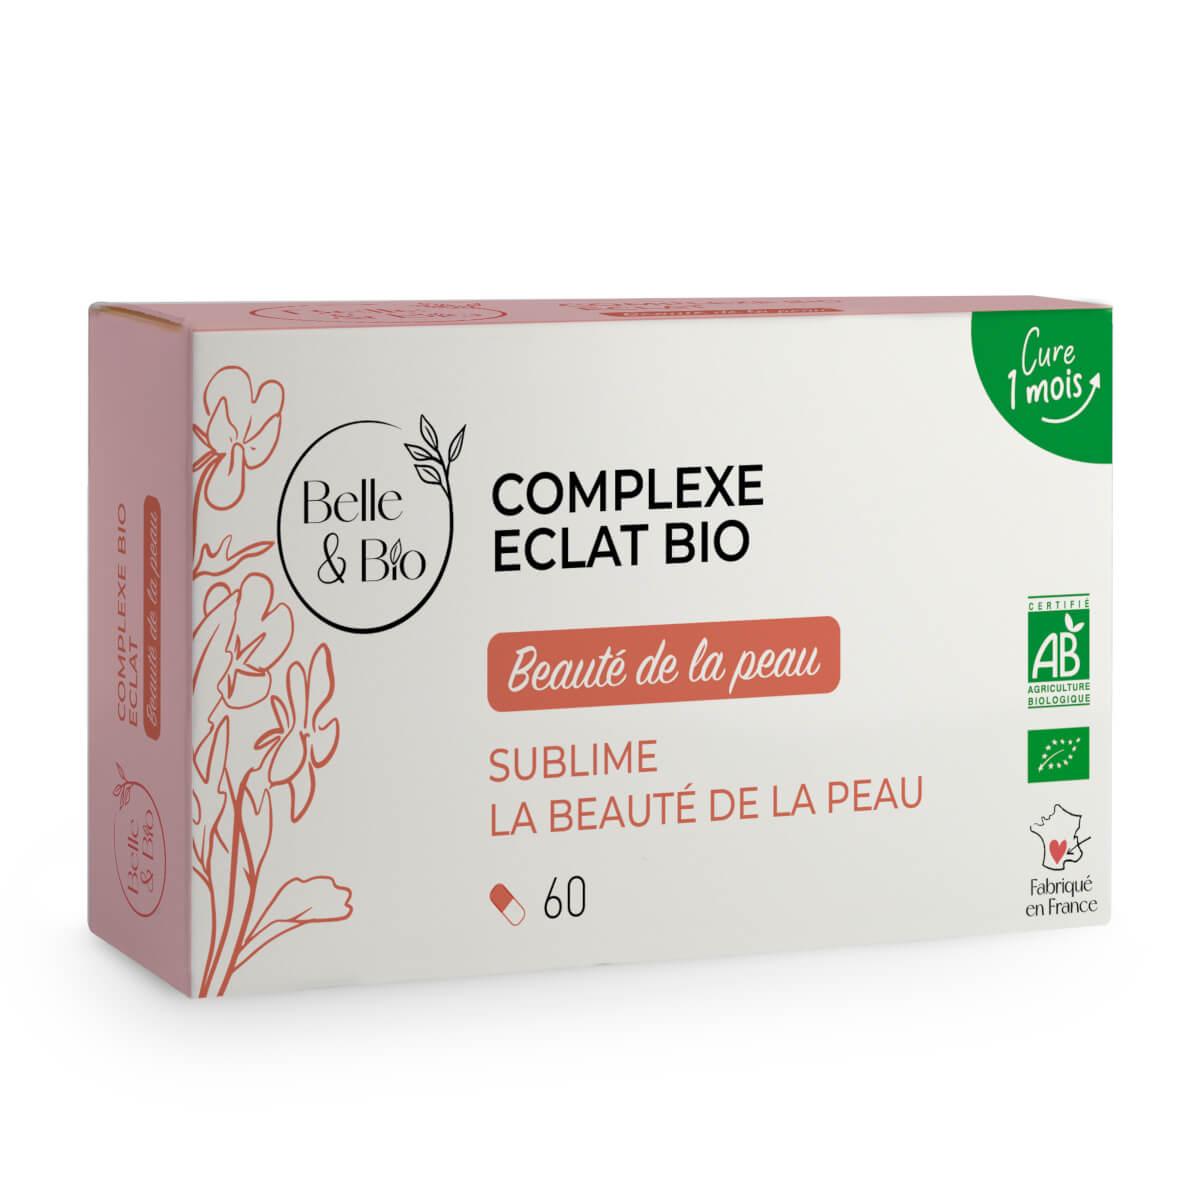 Belle & Bio - Complexe Eclat Bio - Action sur le teint - 60 Gelules